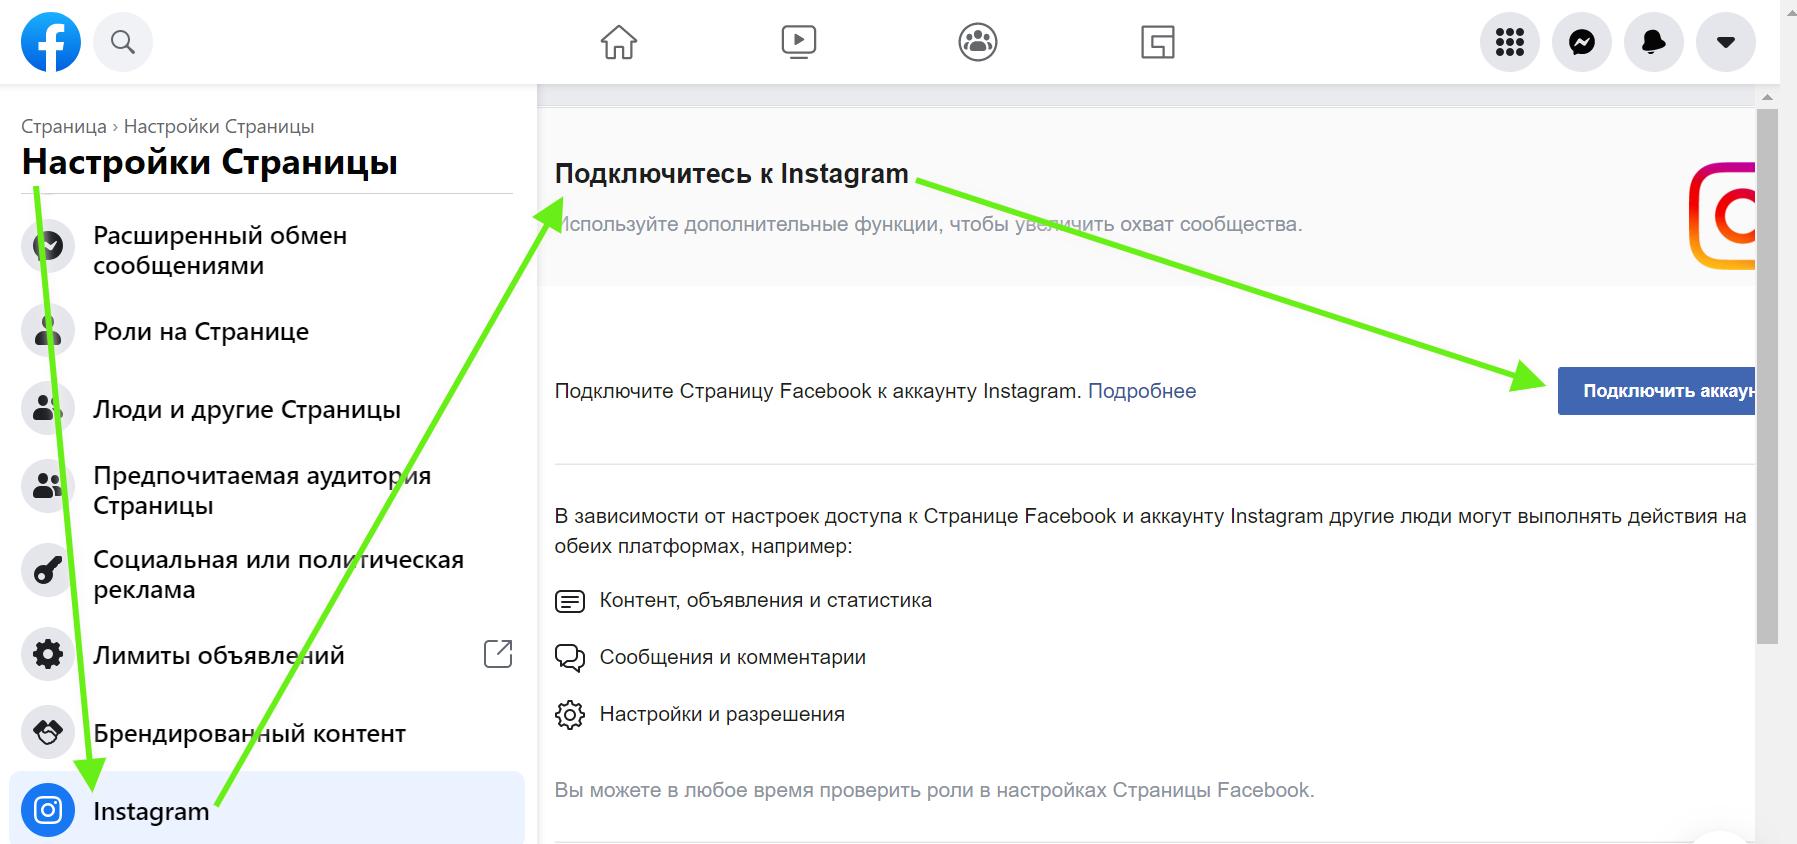 Выберите вкладку Instagram в списке слева